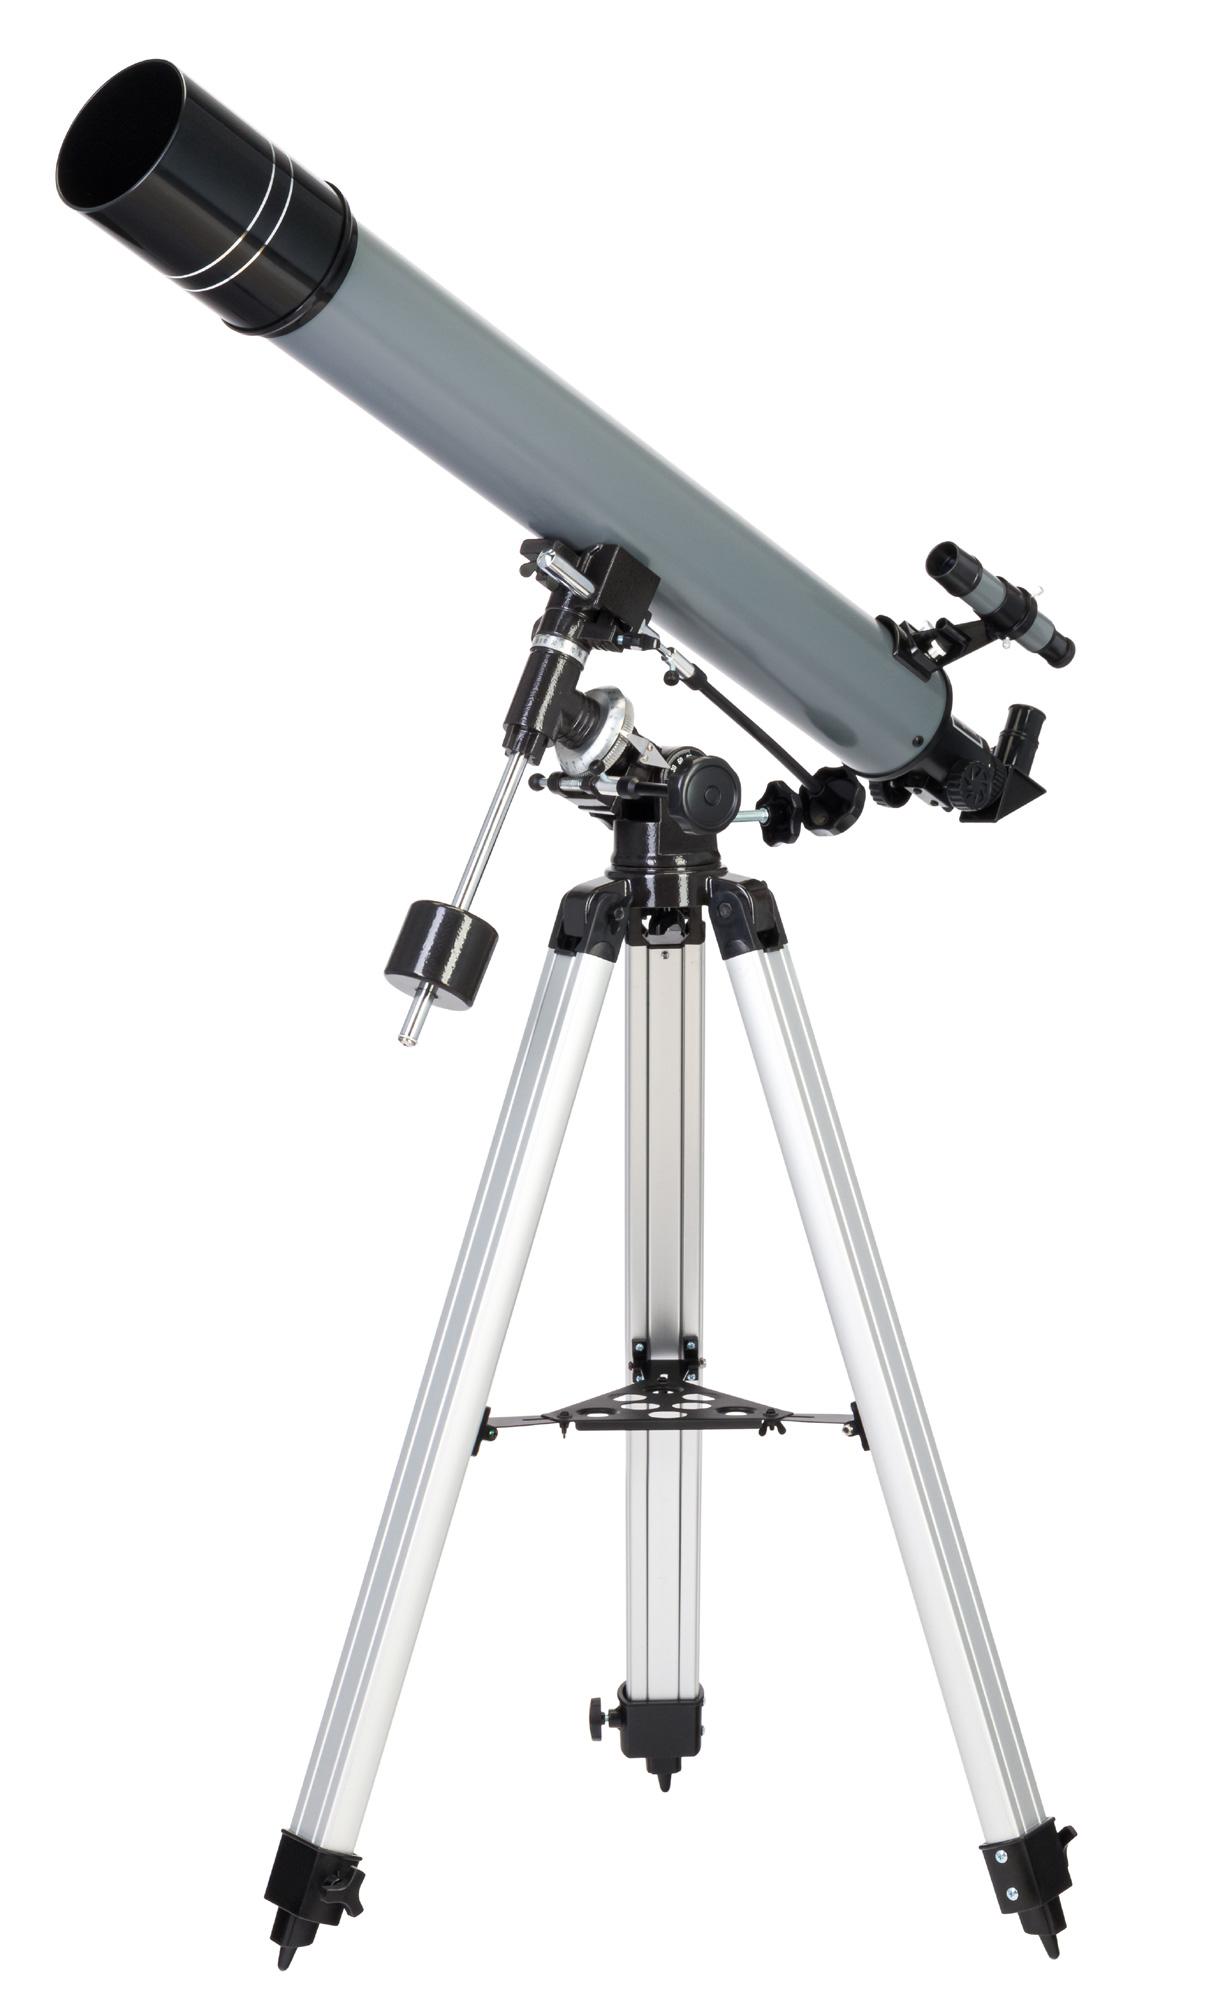 Картинка для Телескоп Levenhuk (Левенгук) Blitz 80 PLUS